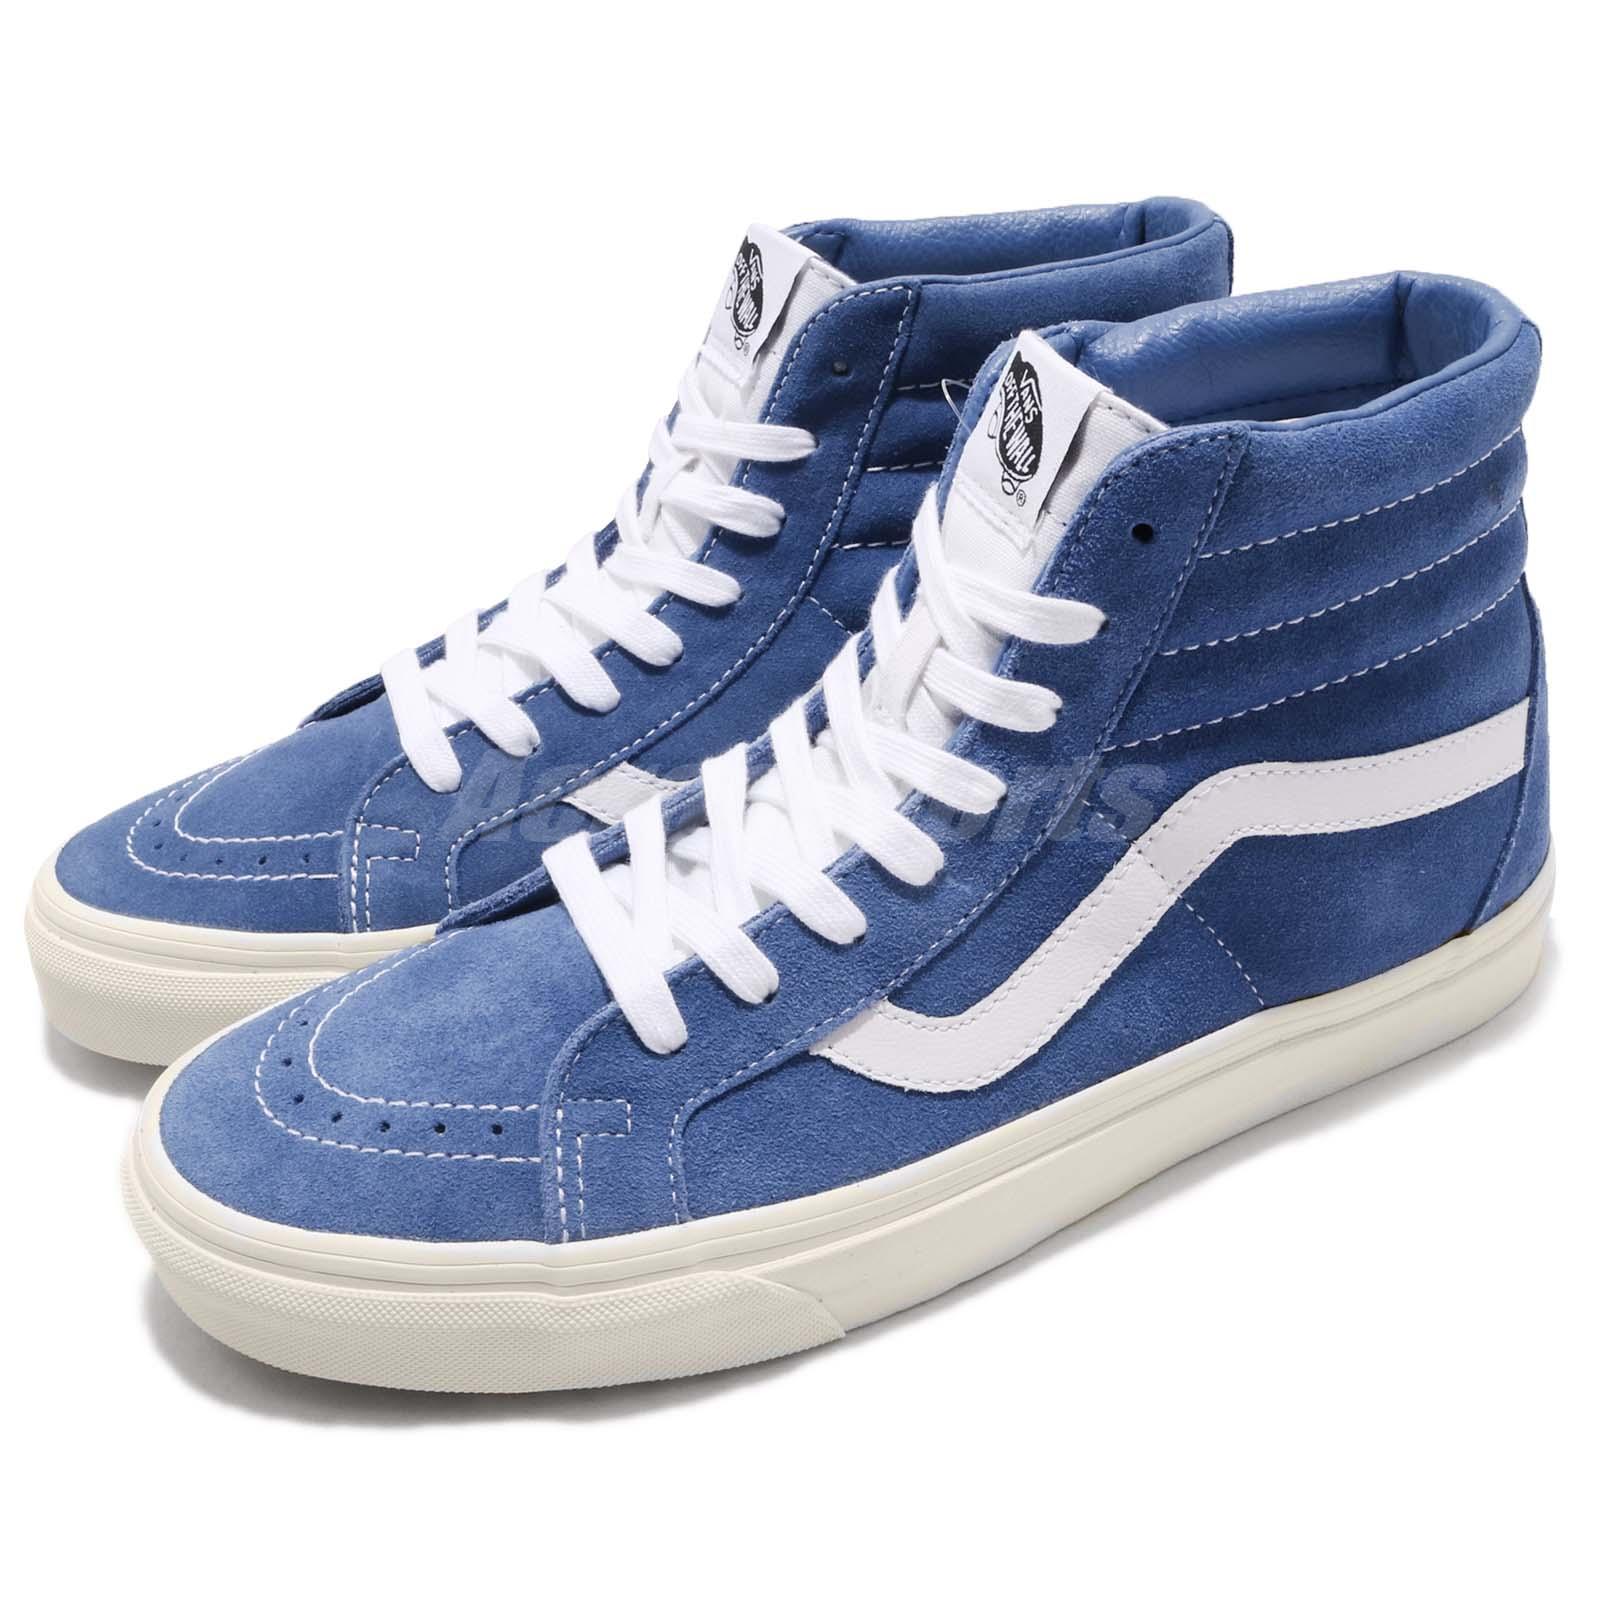 114bc444bbe5 Details about Vans SK8-Hi Reissue Retro Sport Blue White Men Women Casual  Shoes VN0A2XSBORV